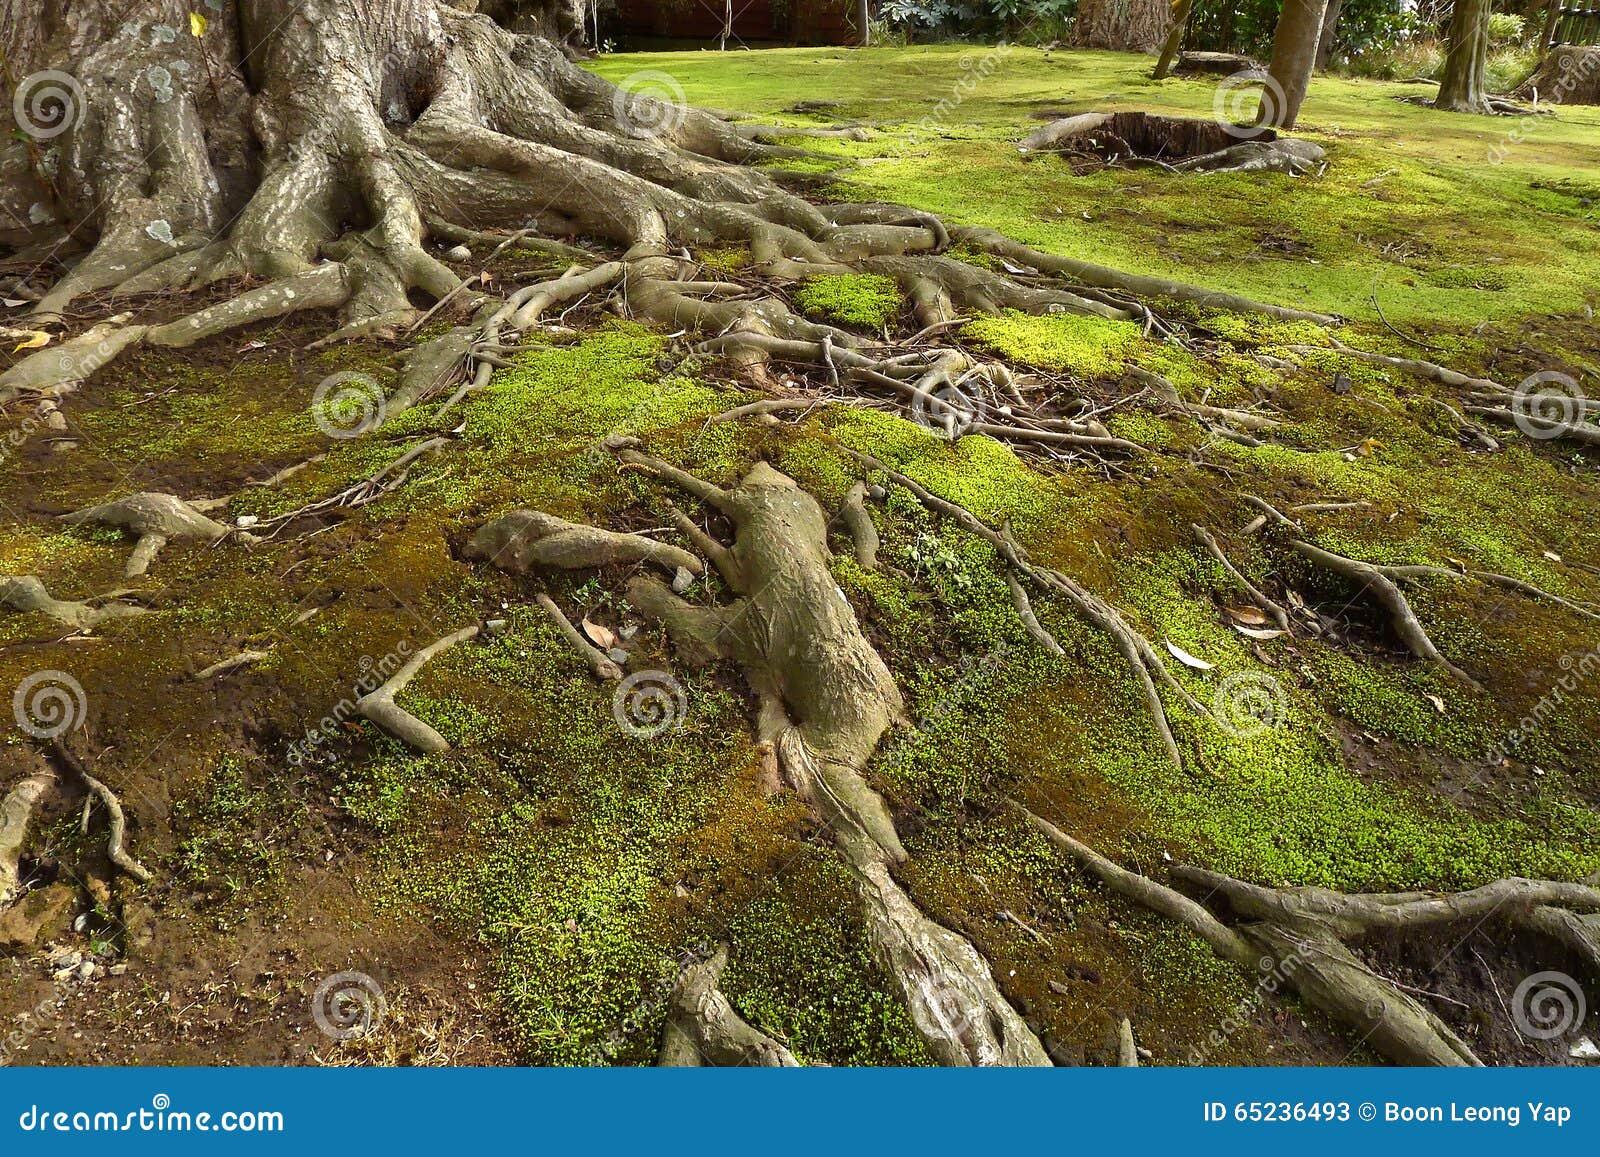 在绿色青苔土壤的老树根.